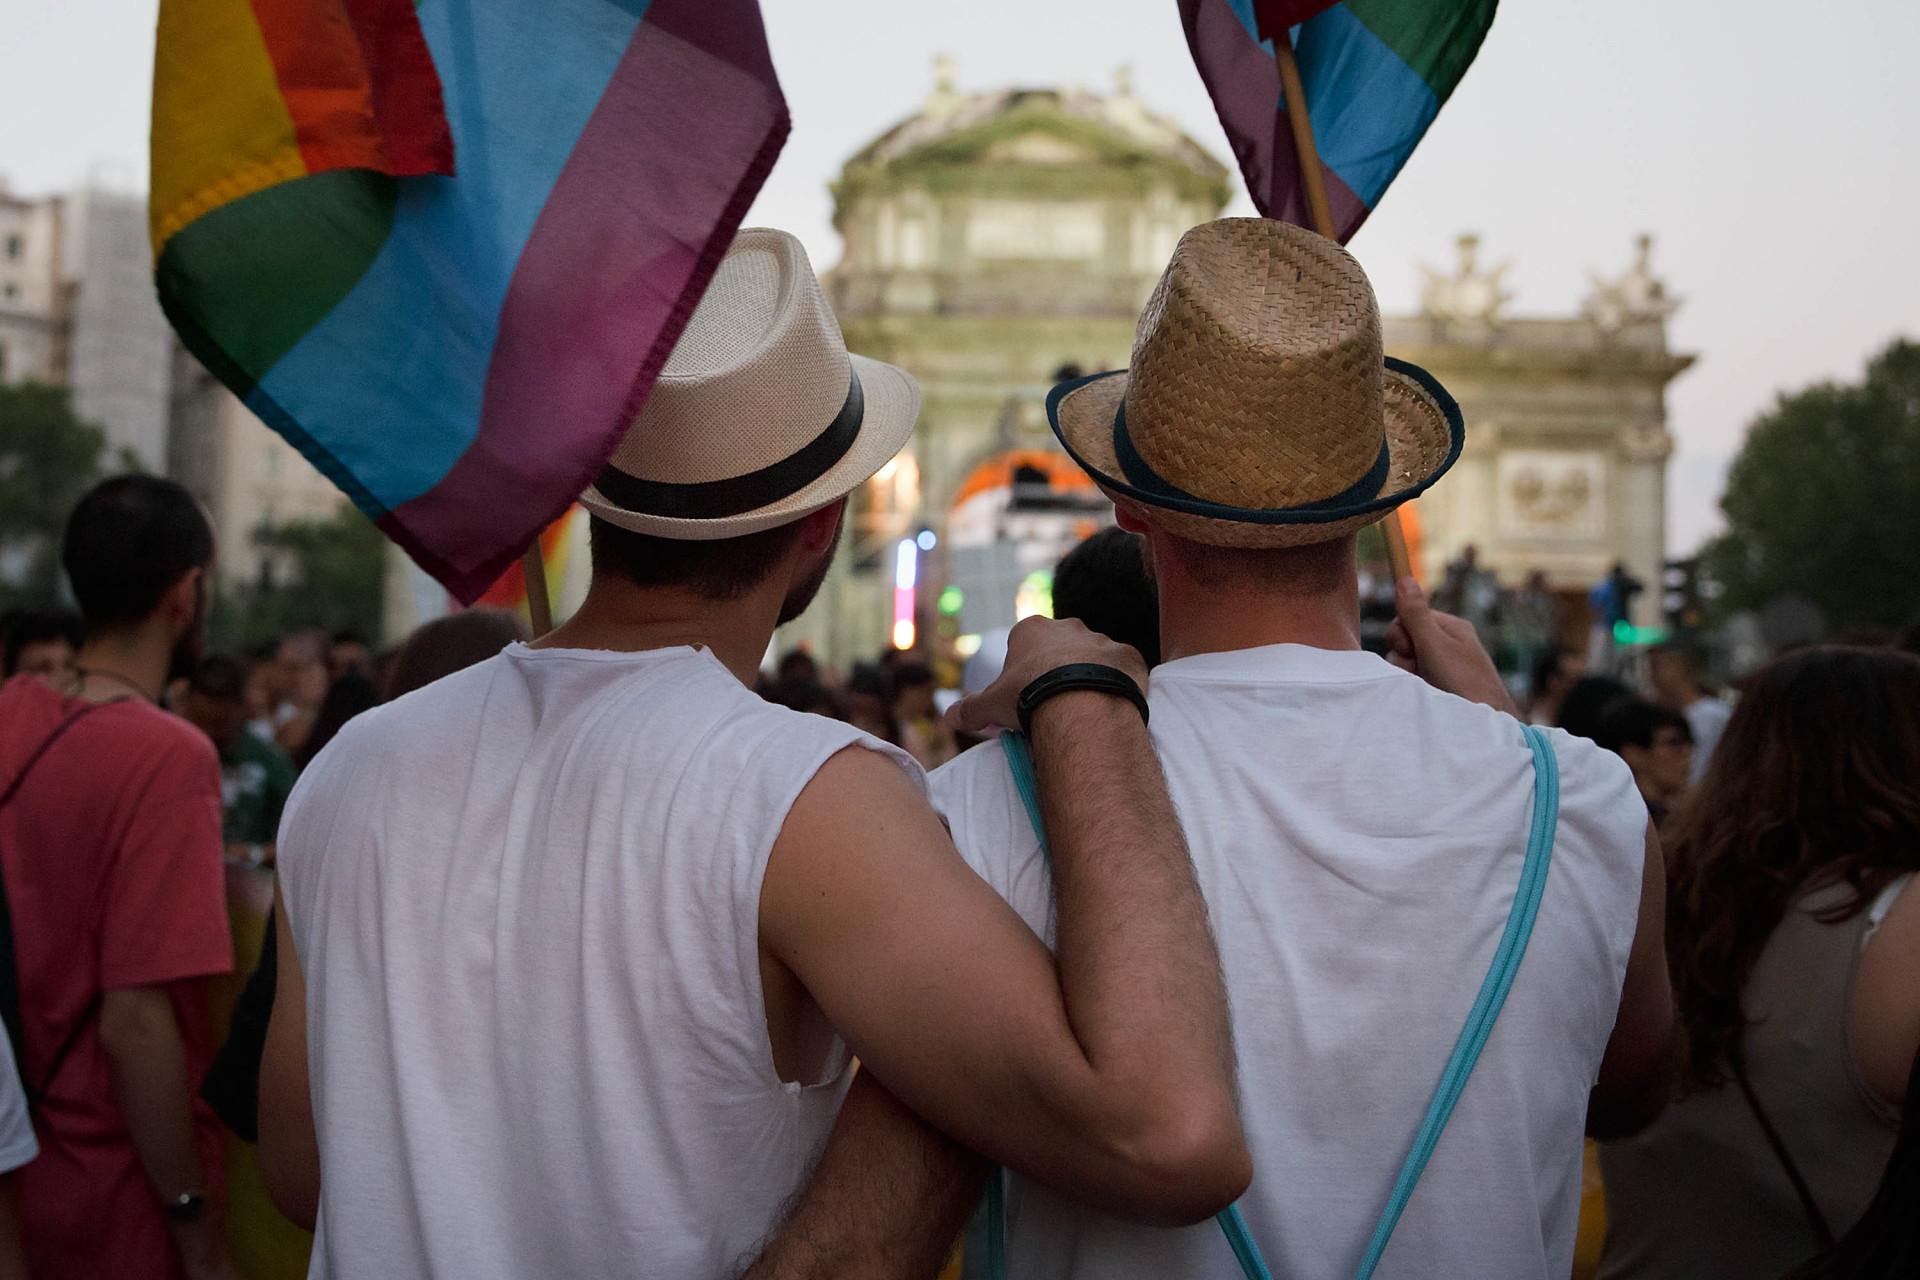 Ingeniosos YouTubers y asociaciones LGBT de Latinoamérica